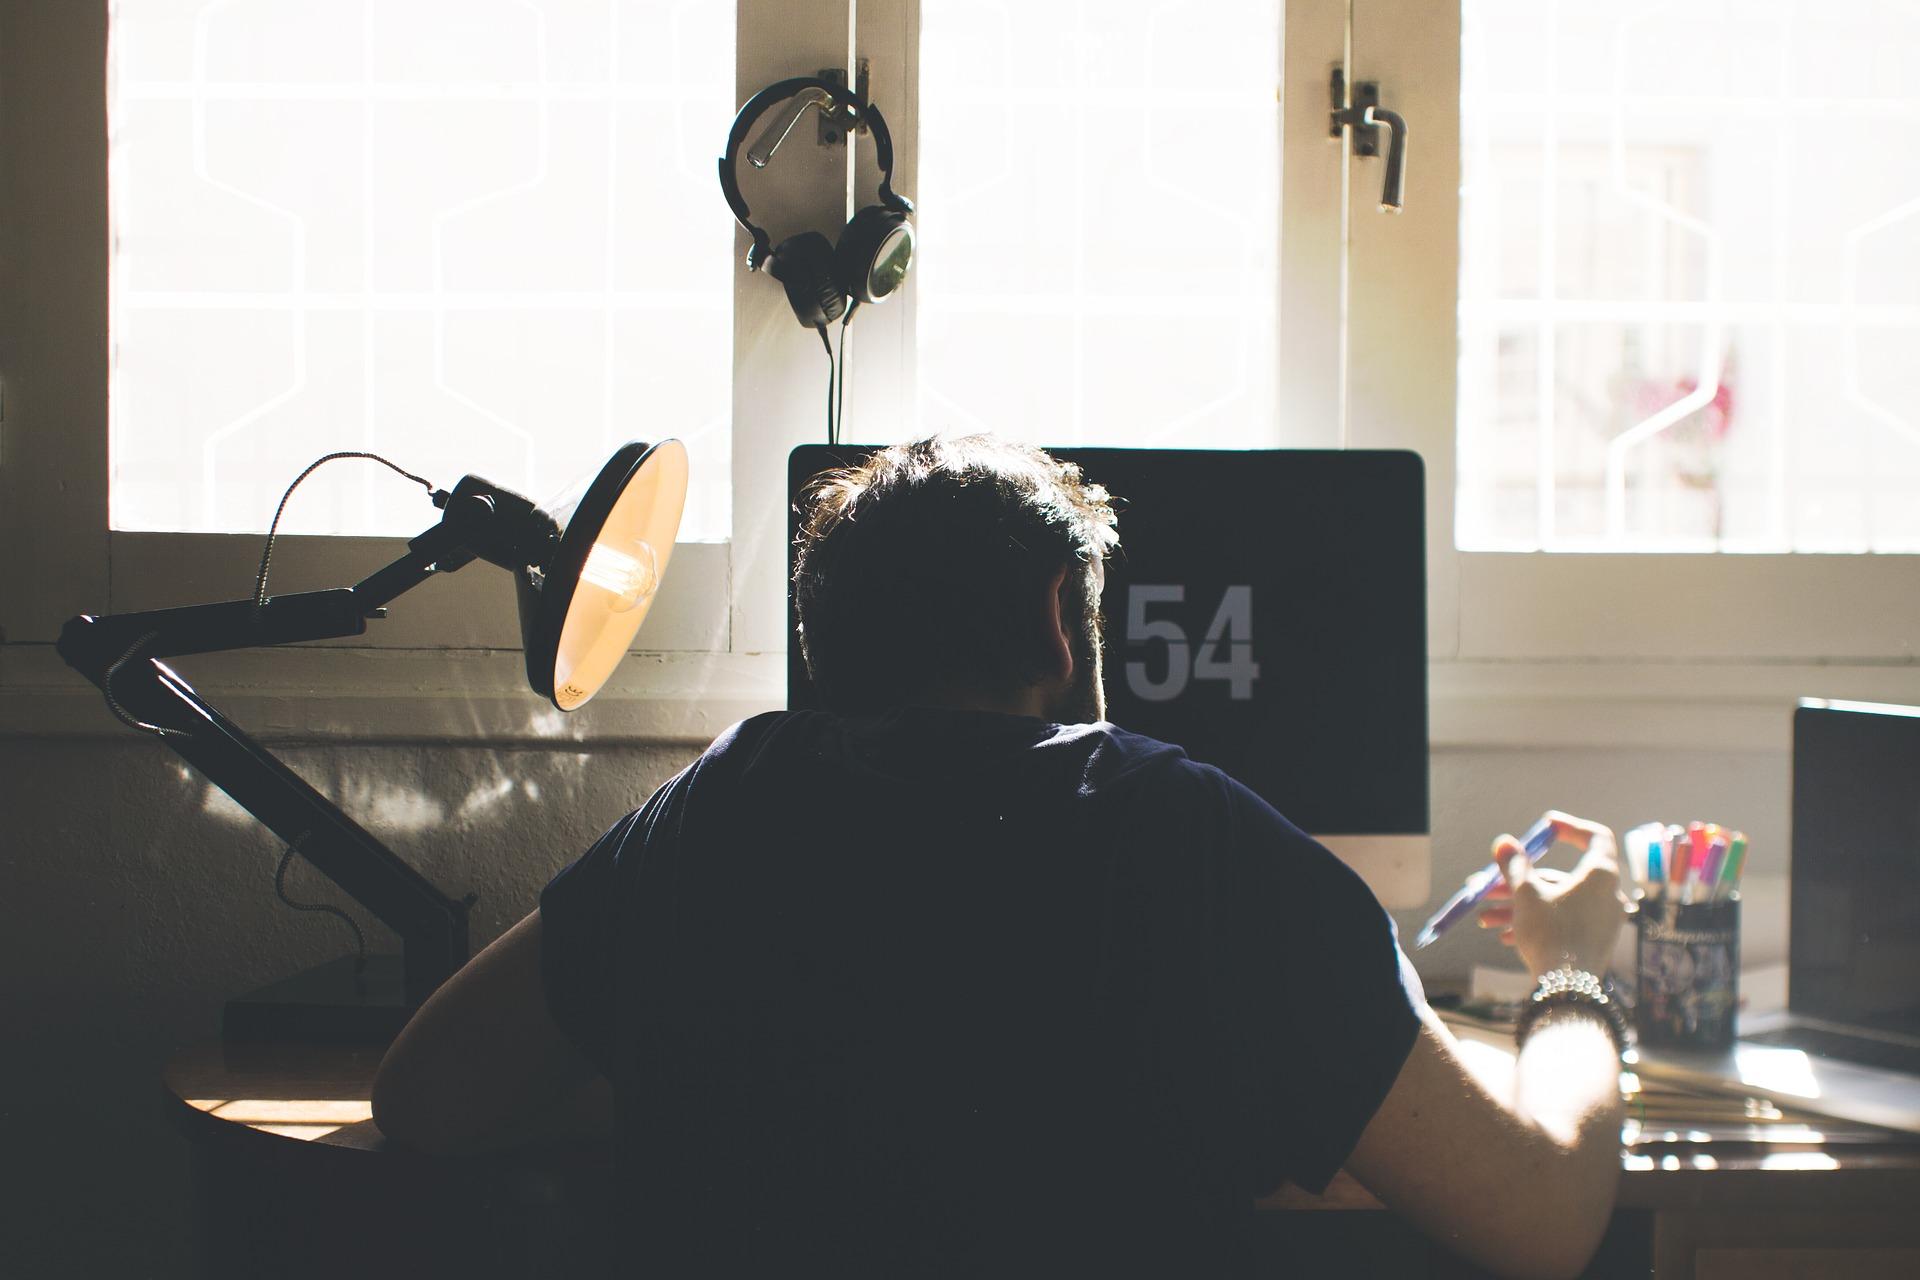 Eksperci podkreślają, że nie wystarczy samo włączenie kamerki w trakcie rozmowy. Uwagę należy poświęcić wcześniejszemu przygotowaniu tła, które będzie widoczne podczas spotkania (Fot. Pixabay)